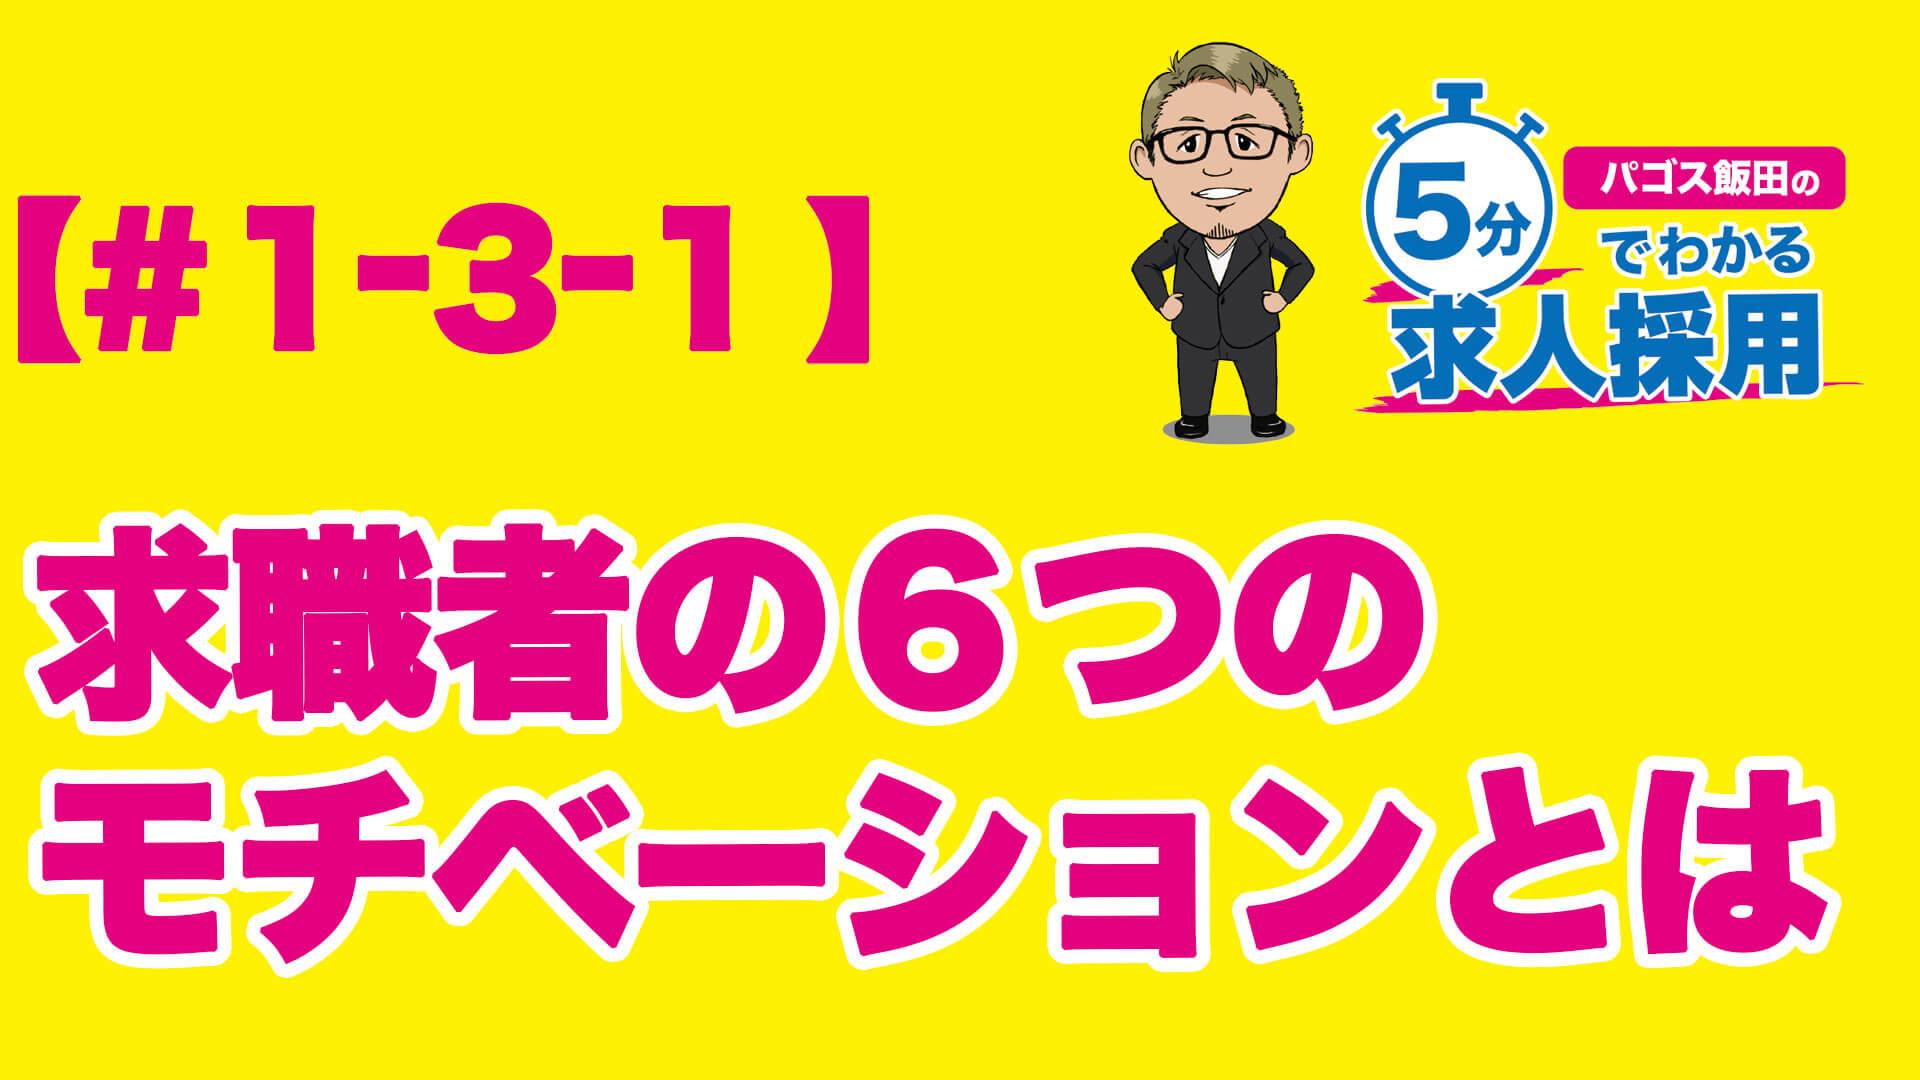 【#1-3-1】求職者の6つのモチベーションとは